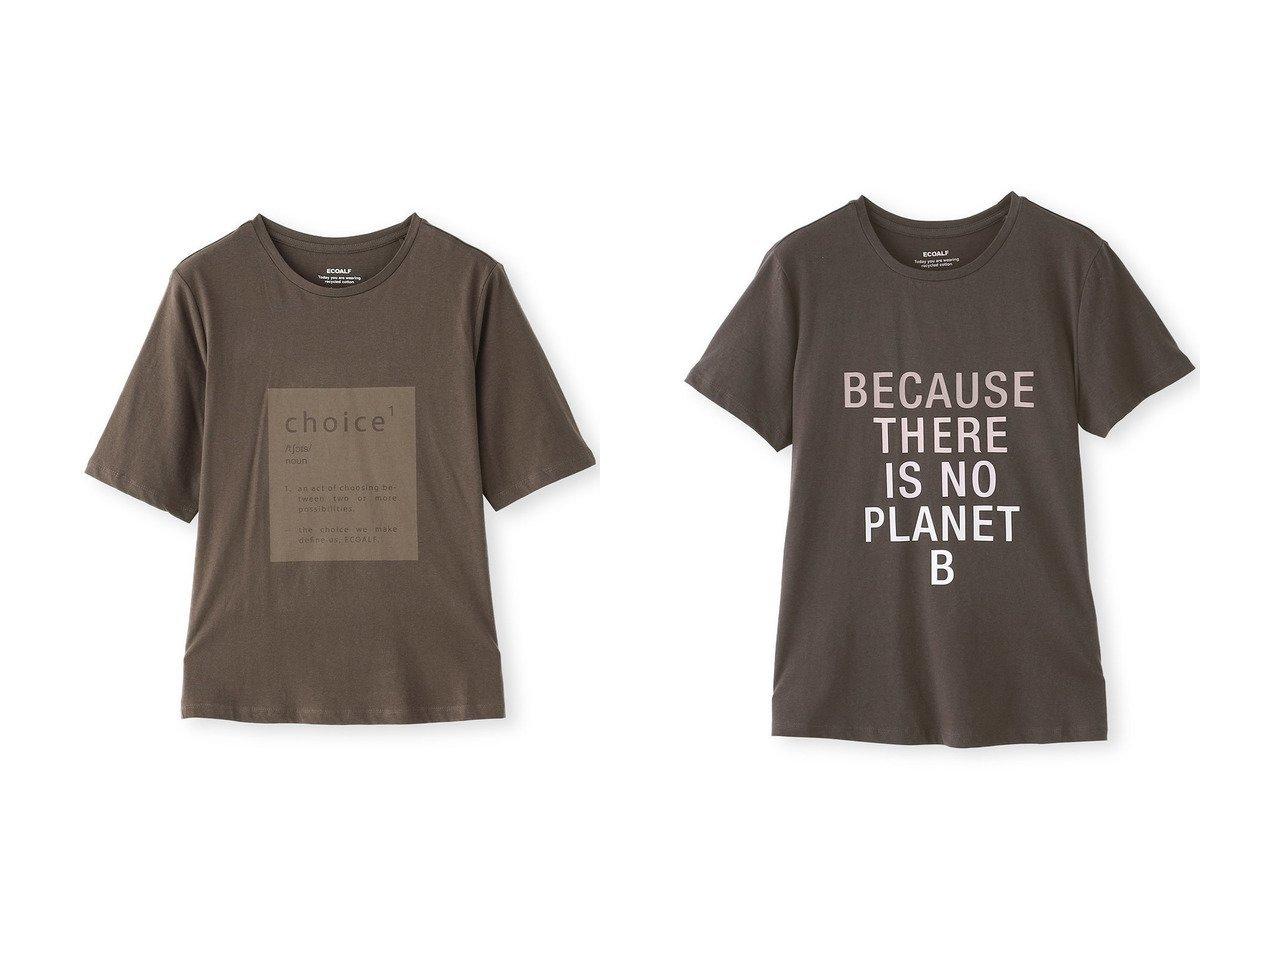 【ECOALF/エコアルフ】のECOALF SINCE Tシャツ&BECAUSE Tシャツ 【トップス・カットソー】おすすめ!人気、トレンド・レディースファッションの通販 おすすめで人気の流行・トレンド、ファッションの通販商品 インテリア・家具・メンズファッション・キッズファッション・レディースファッション・服の通販 founy(ファニー) https://founy.com/ ファッション Fashion レディースファッション WOMEN トップス・カットソー Tops/Tshirt シャツ/ブラウス Shirts/Blouses ロング / Tシャツ T-Shirts カットソー Cut and Sewn ショート スリーブ  ID:crp329100000072654